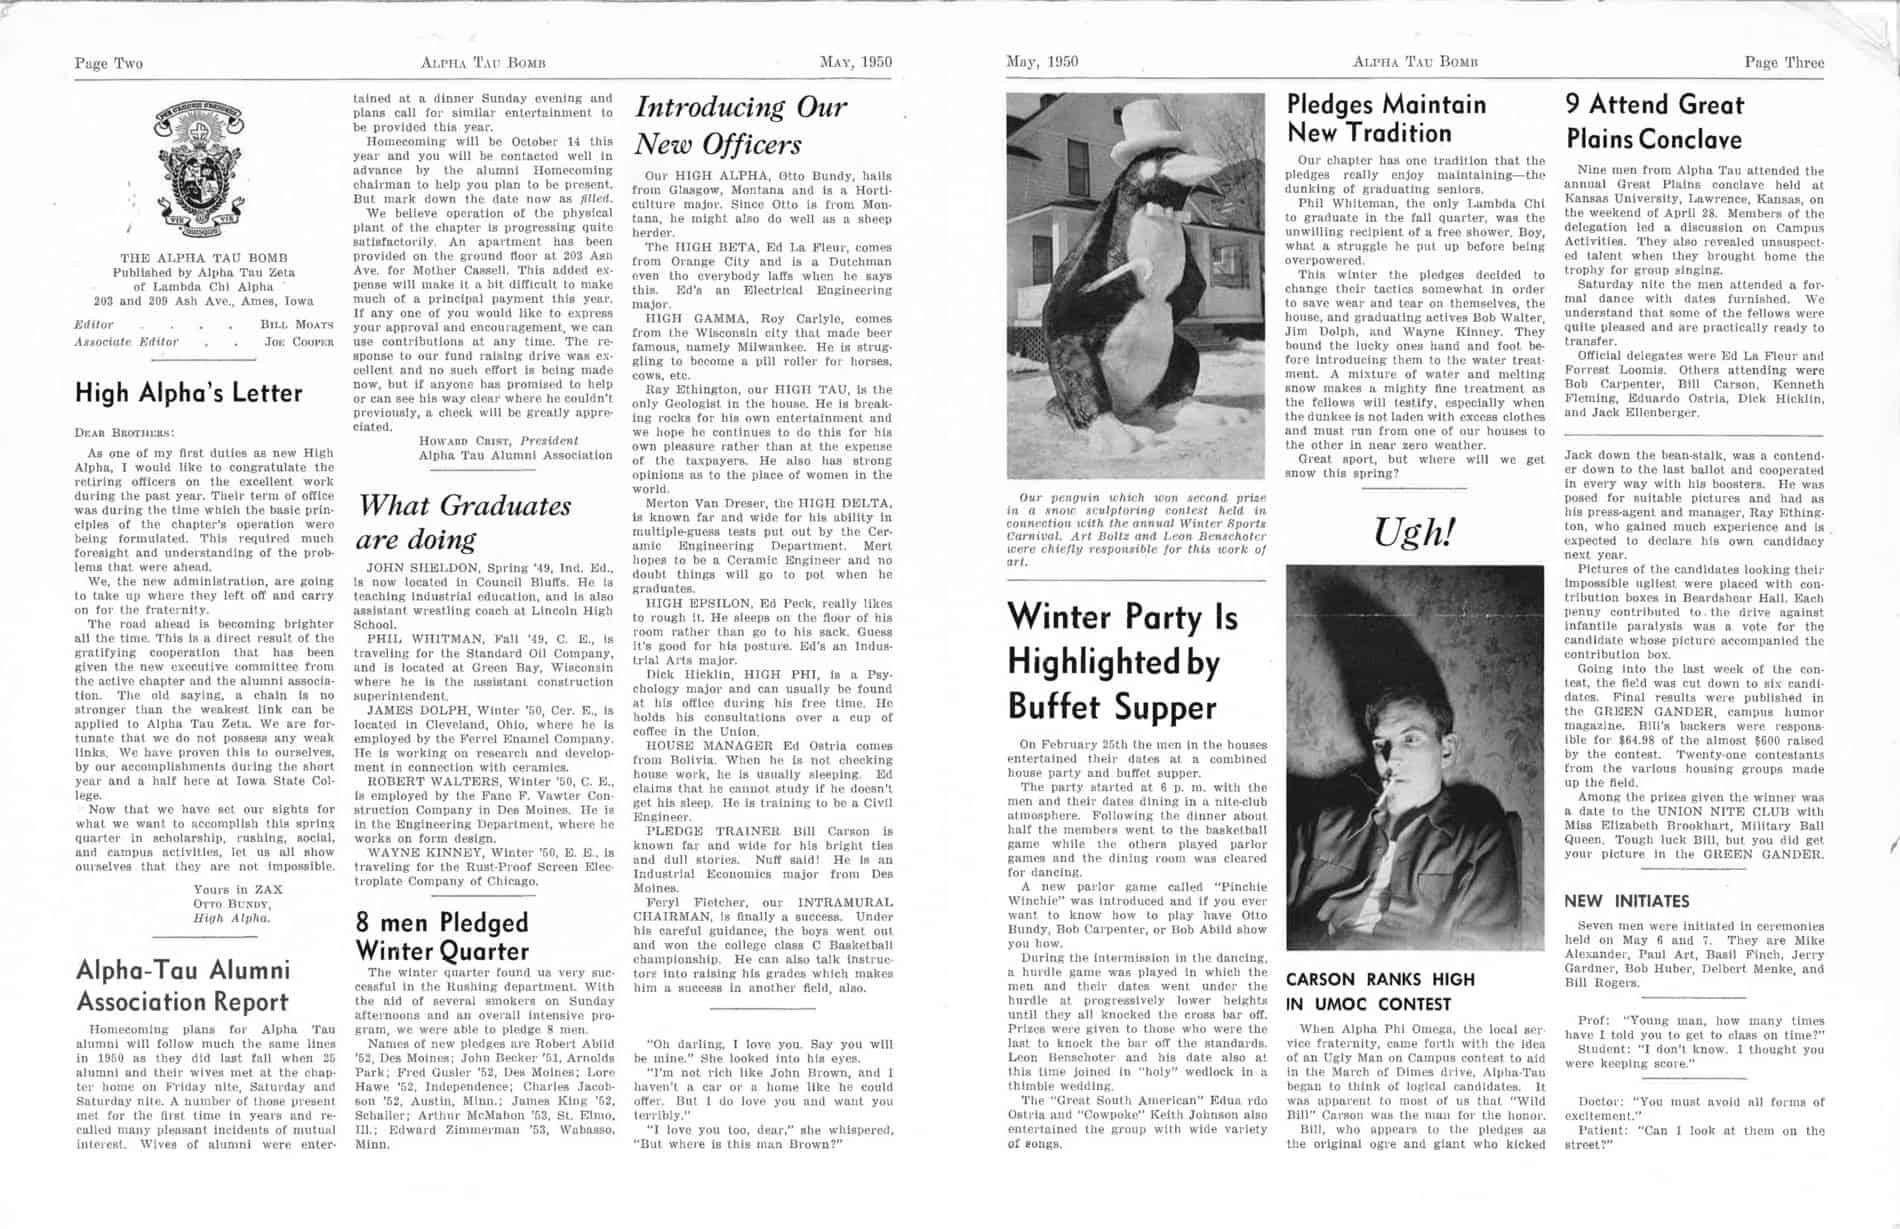 1950 May AT Bomb p.2&3